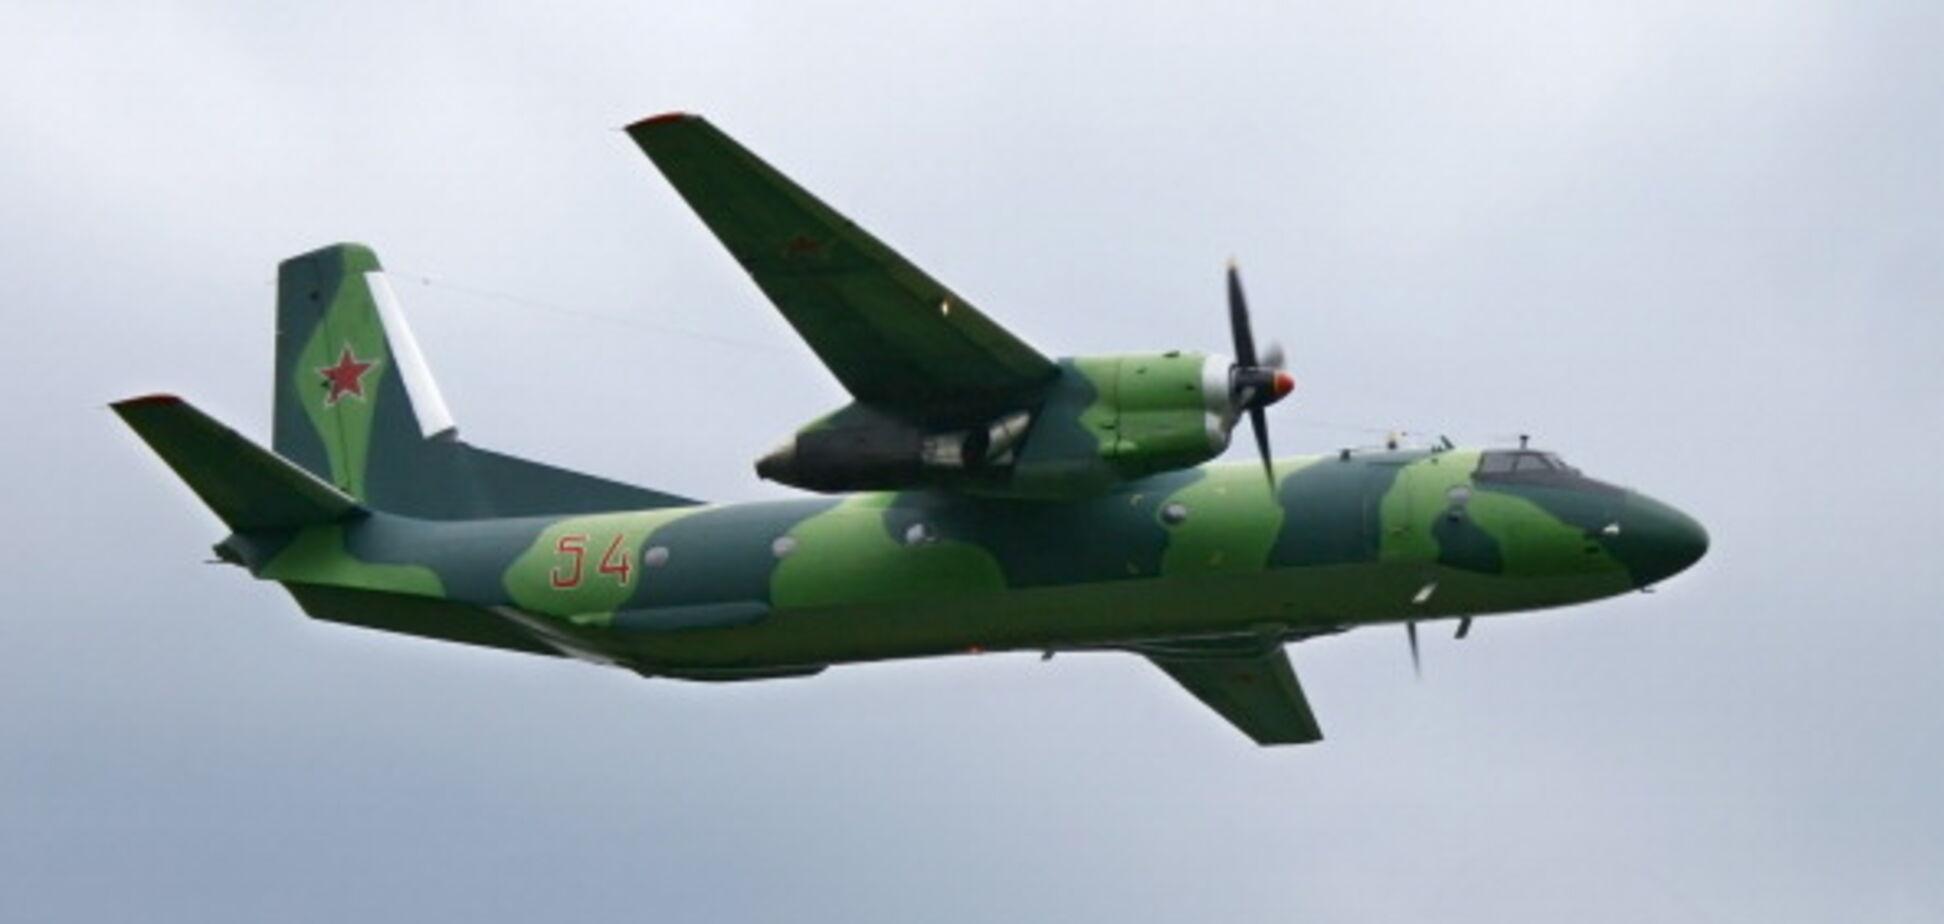 Створена реконструкція падіння російського Ан-26 в Сирії